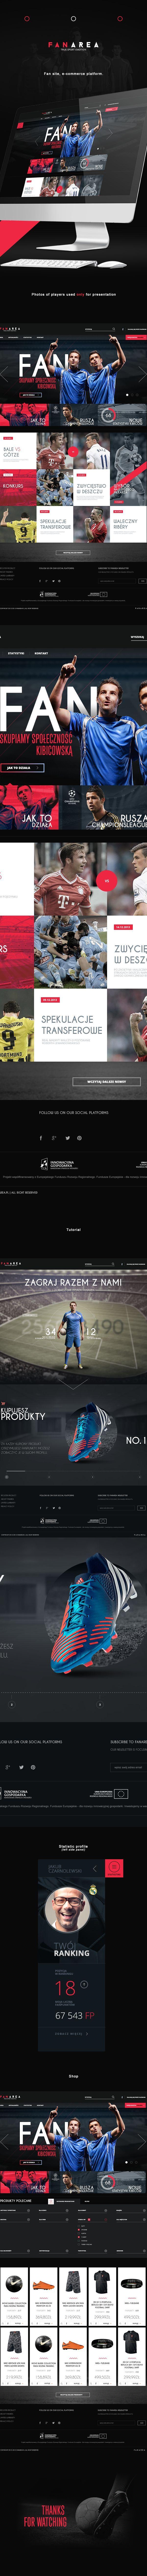 Football Fan Site & Shop by Carlo